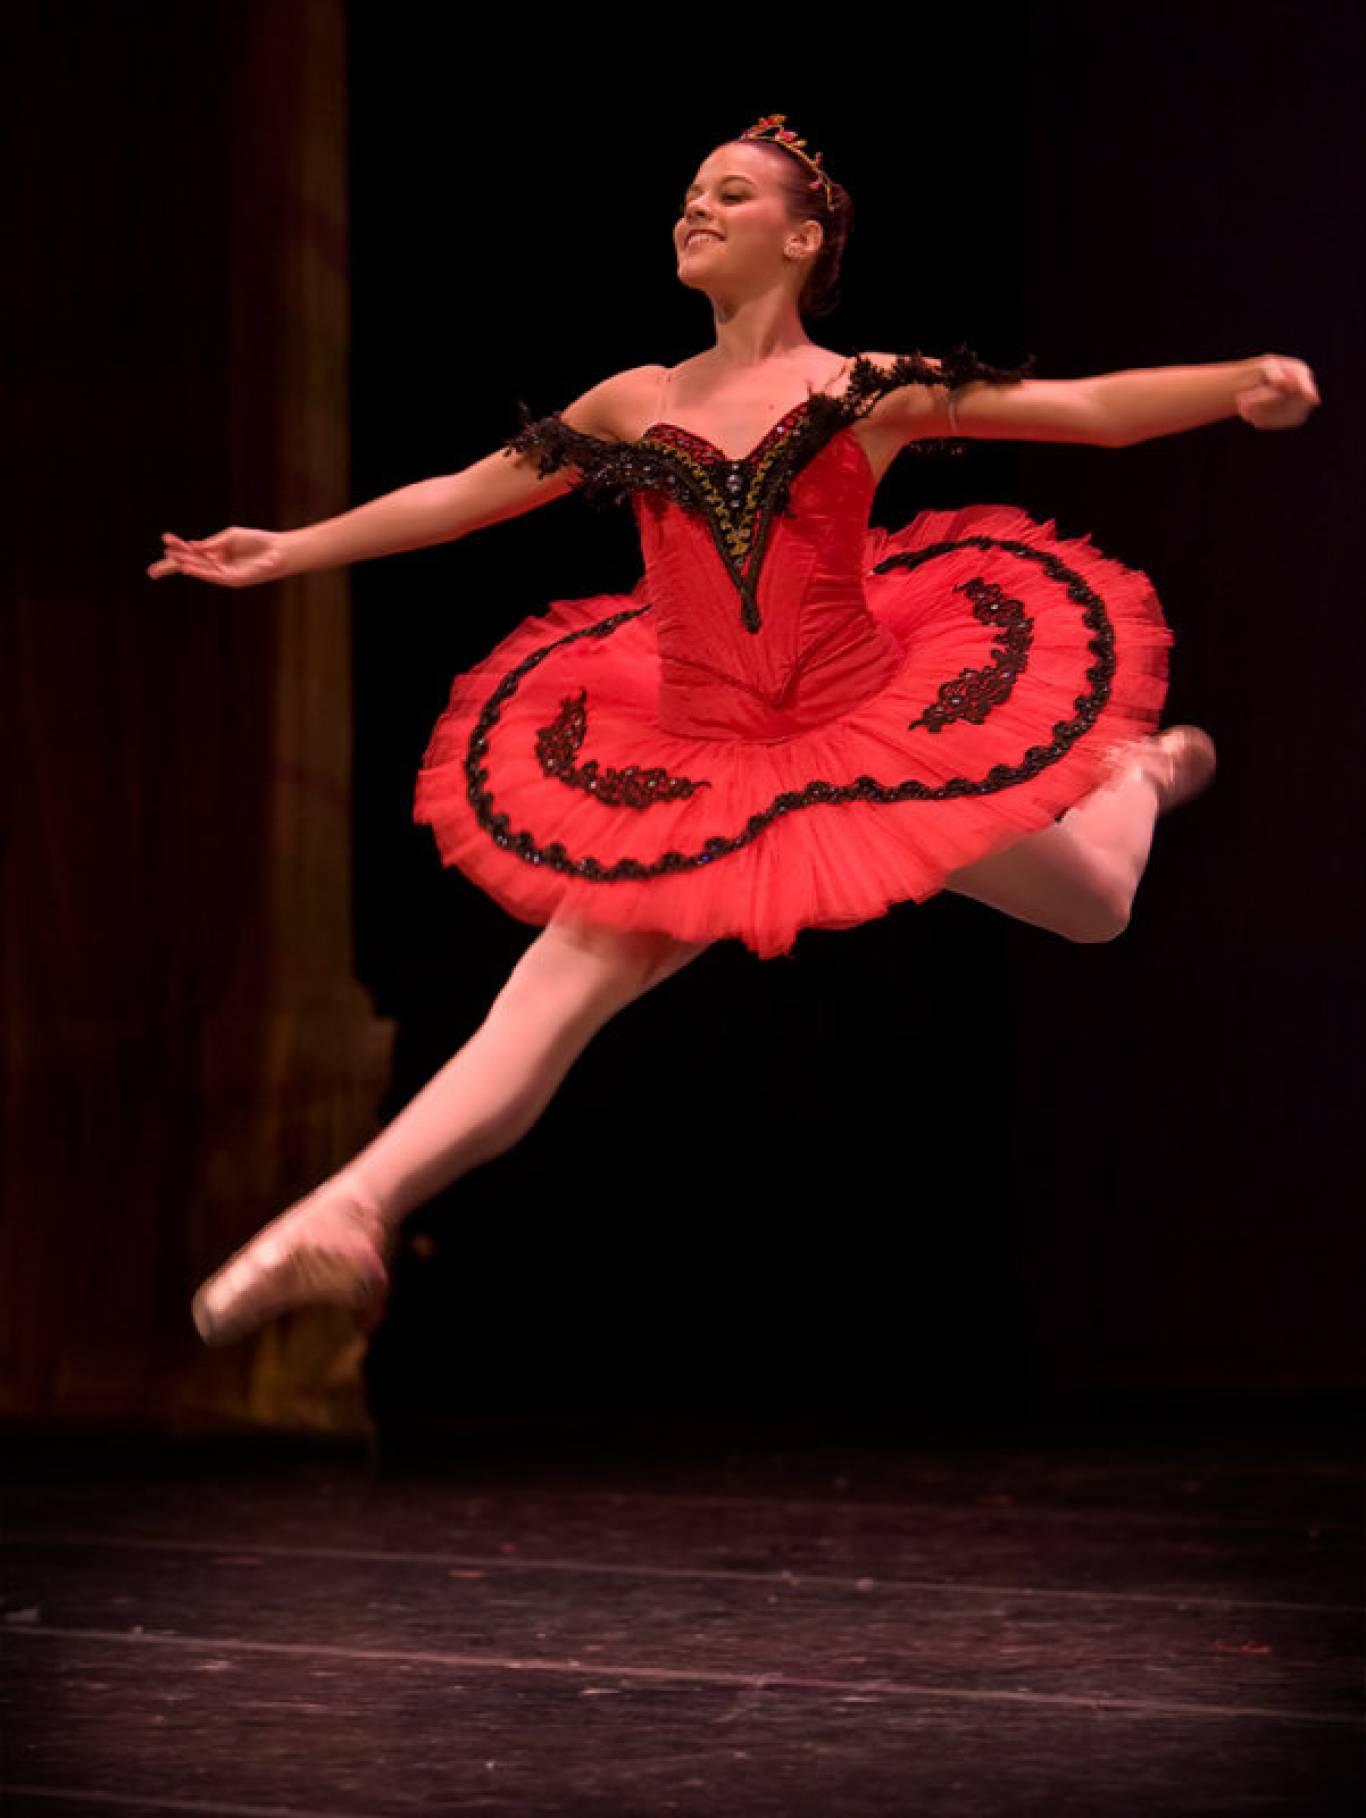 Гала-концерт в Національній опері до Міжнародного жіночого дня